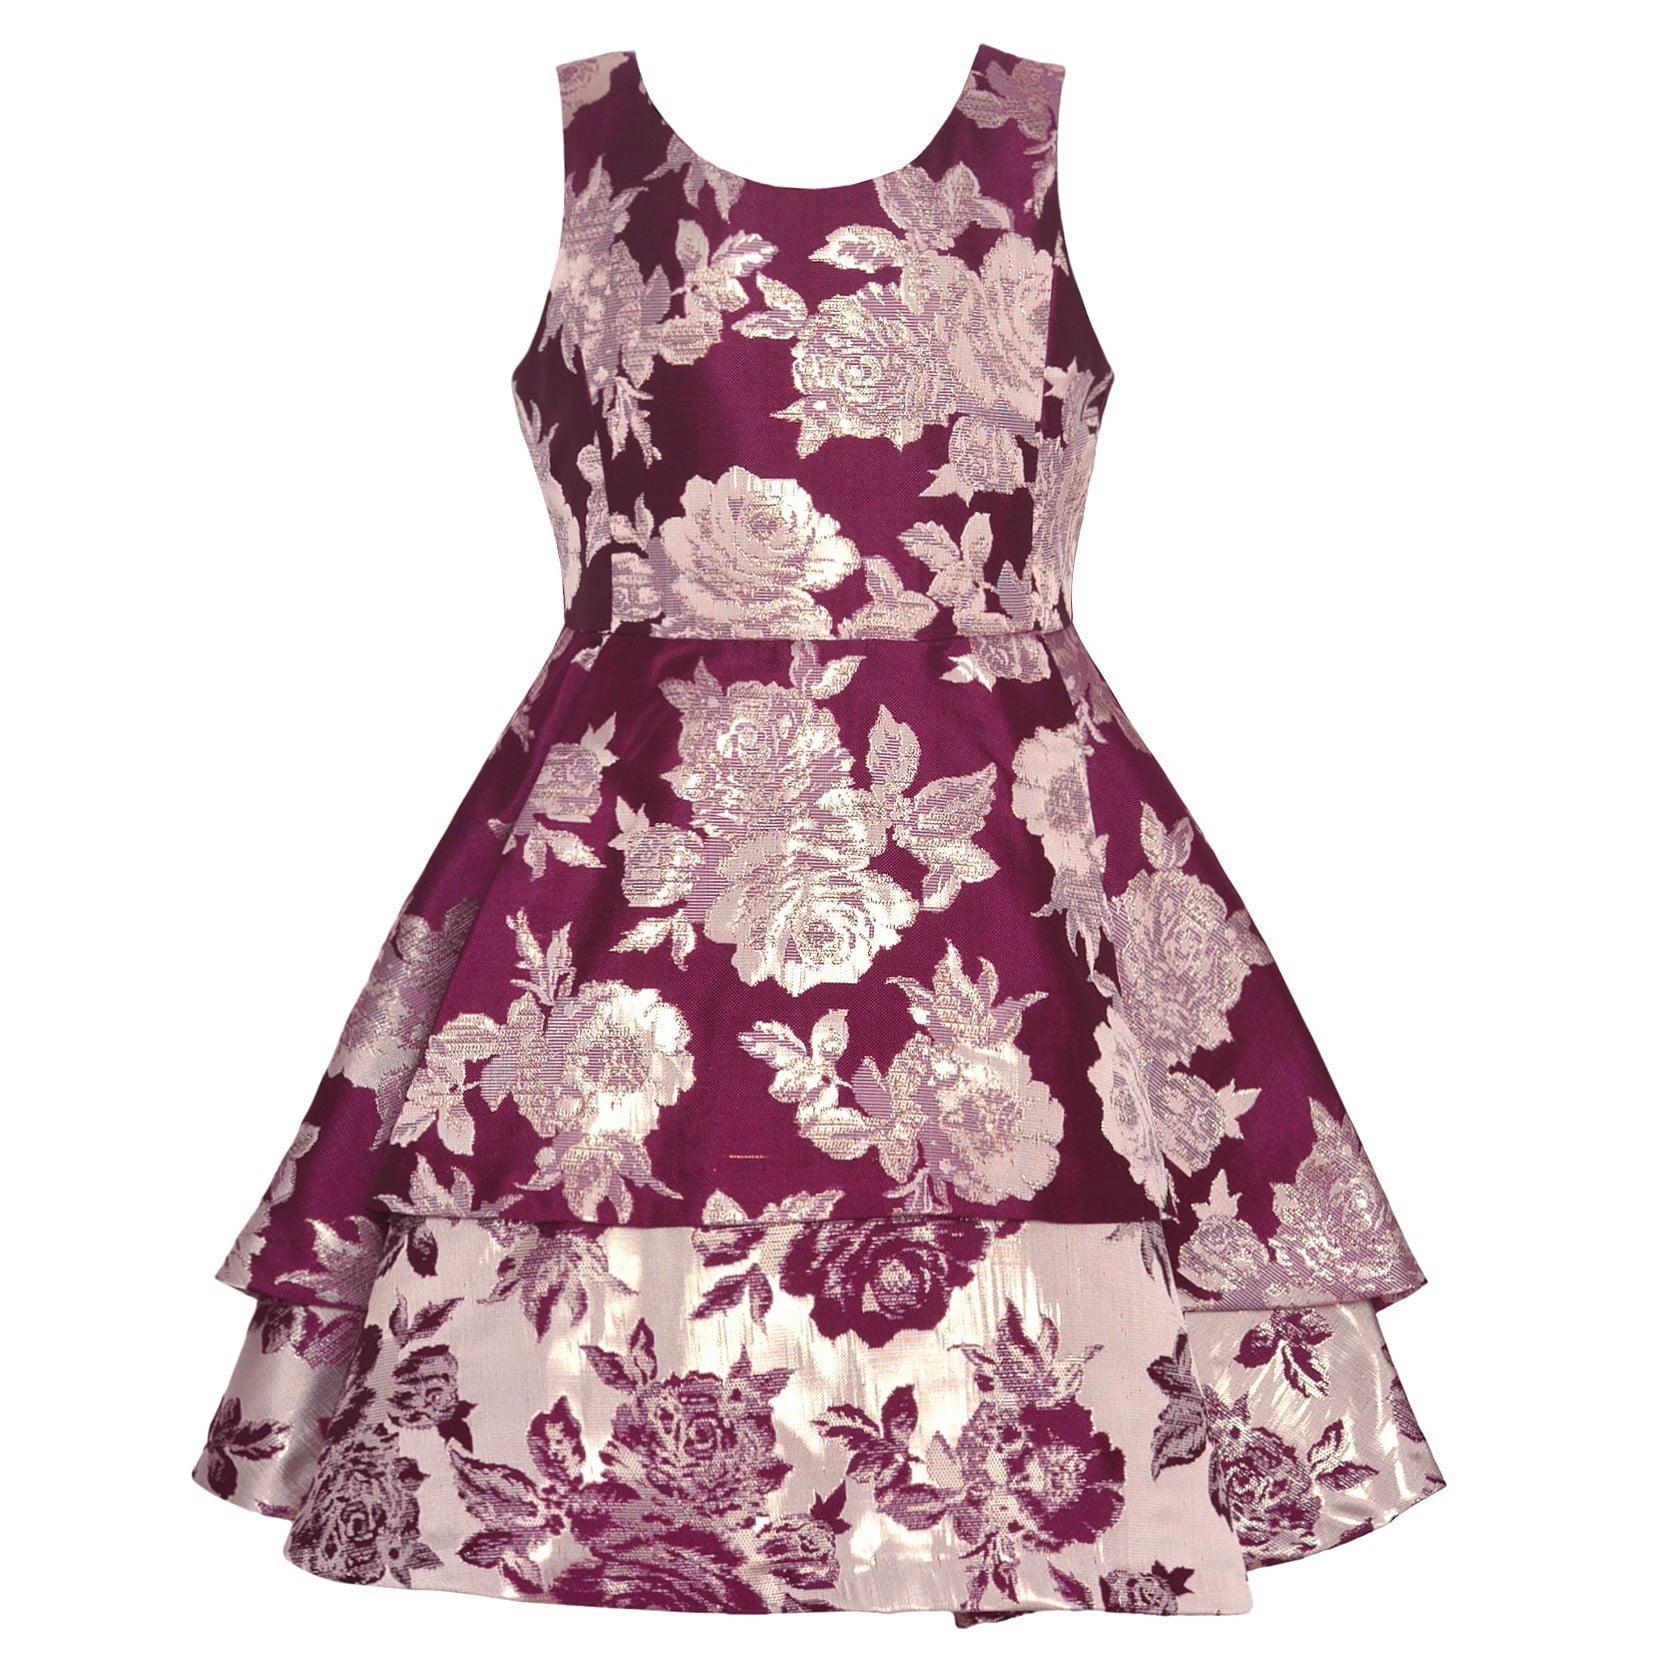 Bonnie Jean Girls Unicorn Gold Birthday Party School Dress 4 5 6 6X New